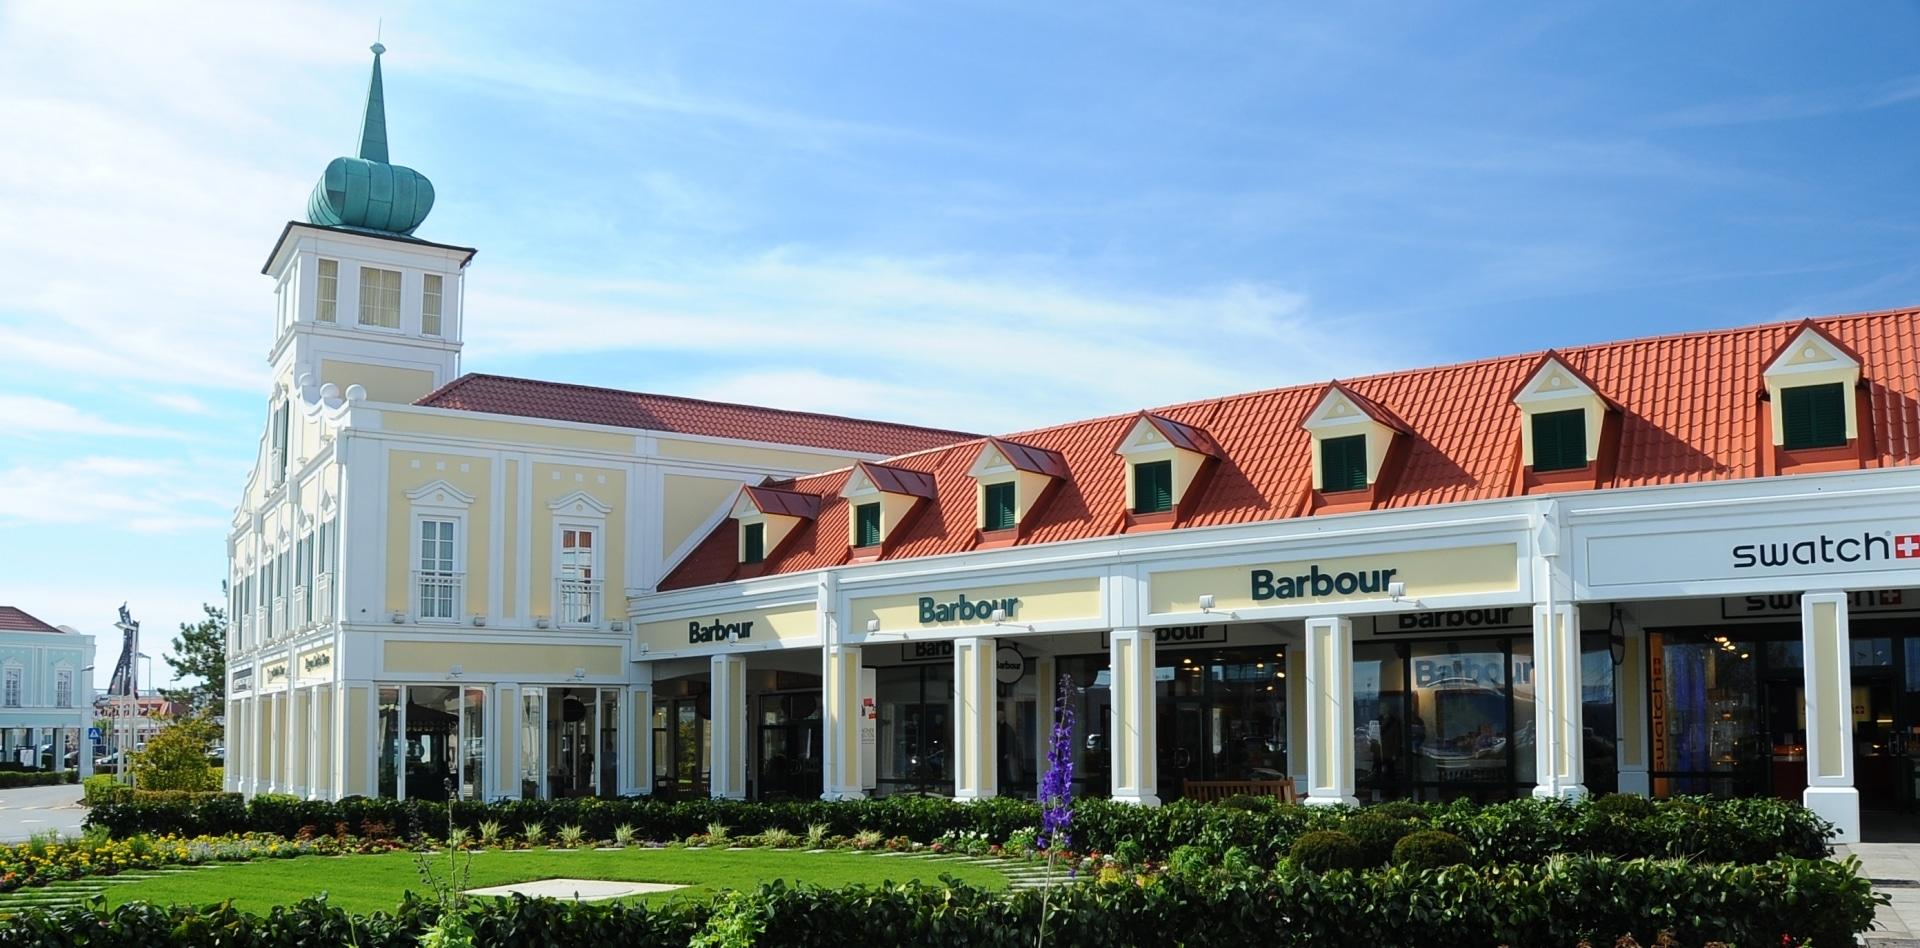 النمسا فيينا افضل اماكن التسوق والمطاعم ديزاينر اوتلت بارندورف